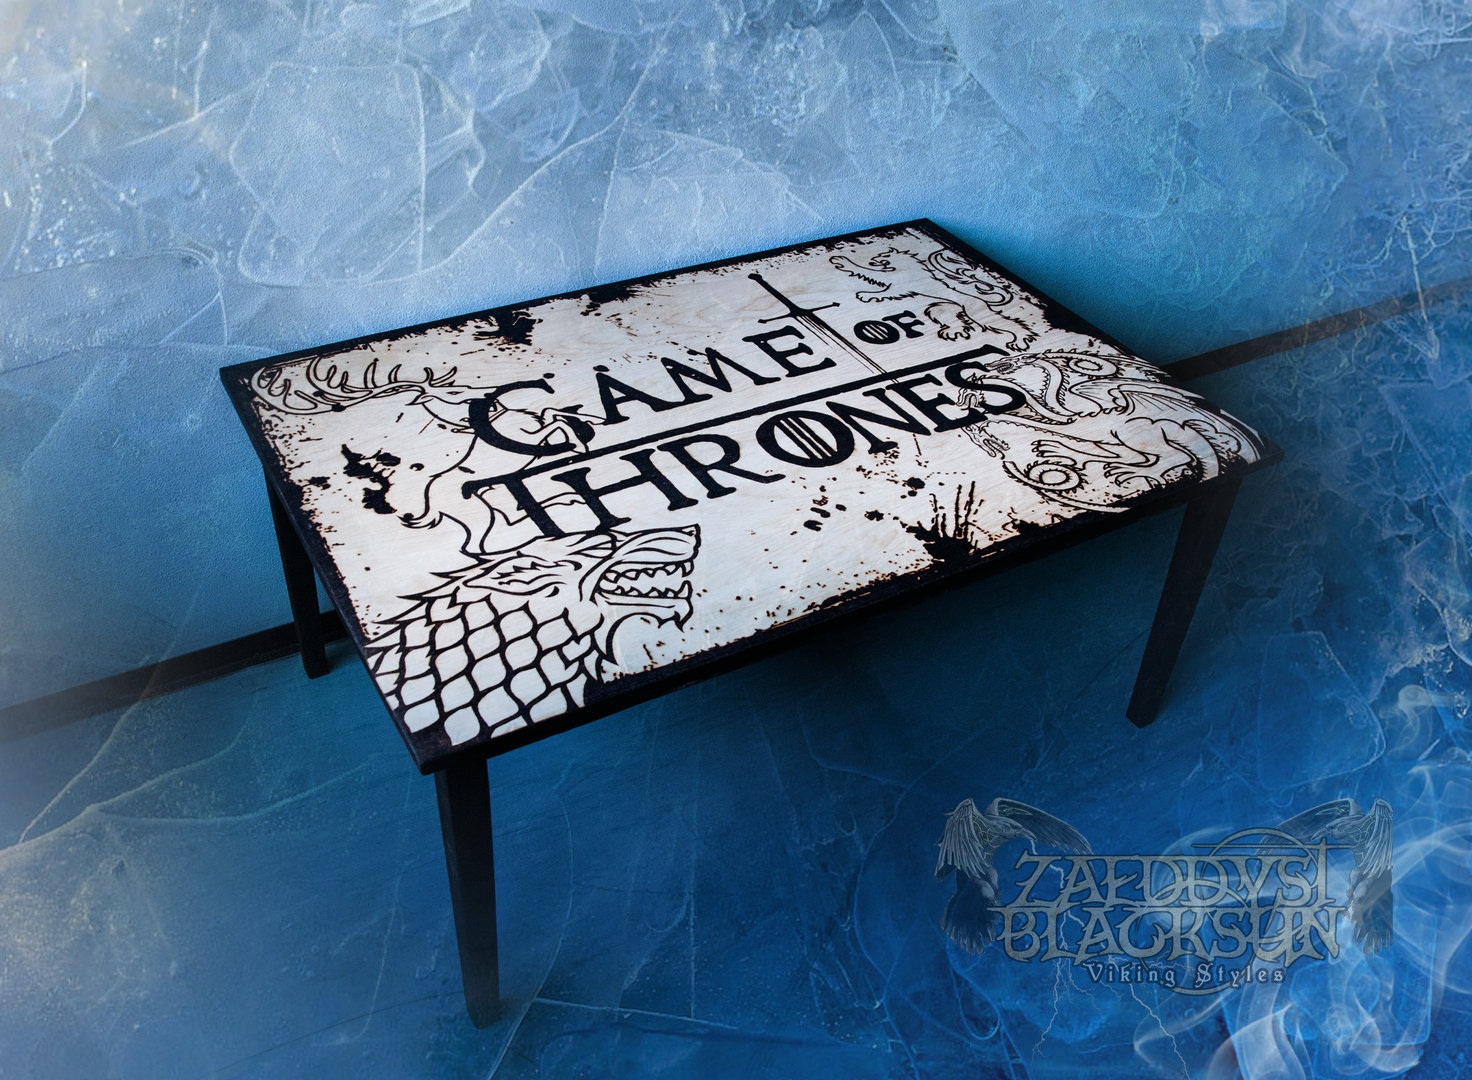 wohnzimmertisch game of thrones zaeddyst blacksun trinkh rner m bel kleidung schmuck. Black Bedroom Furniture Sets. Home Design Ideas